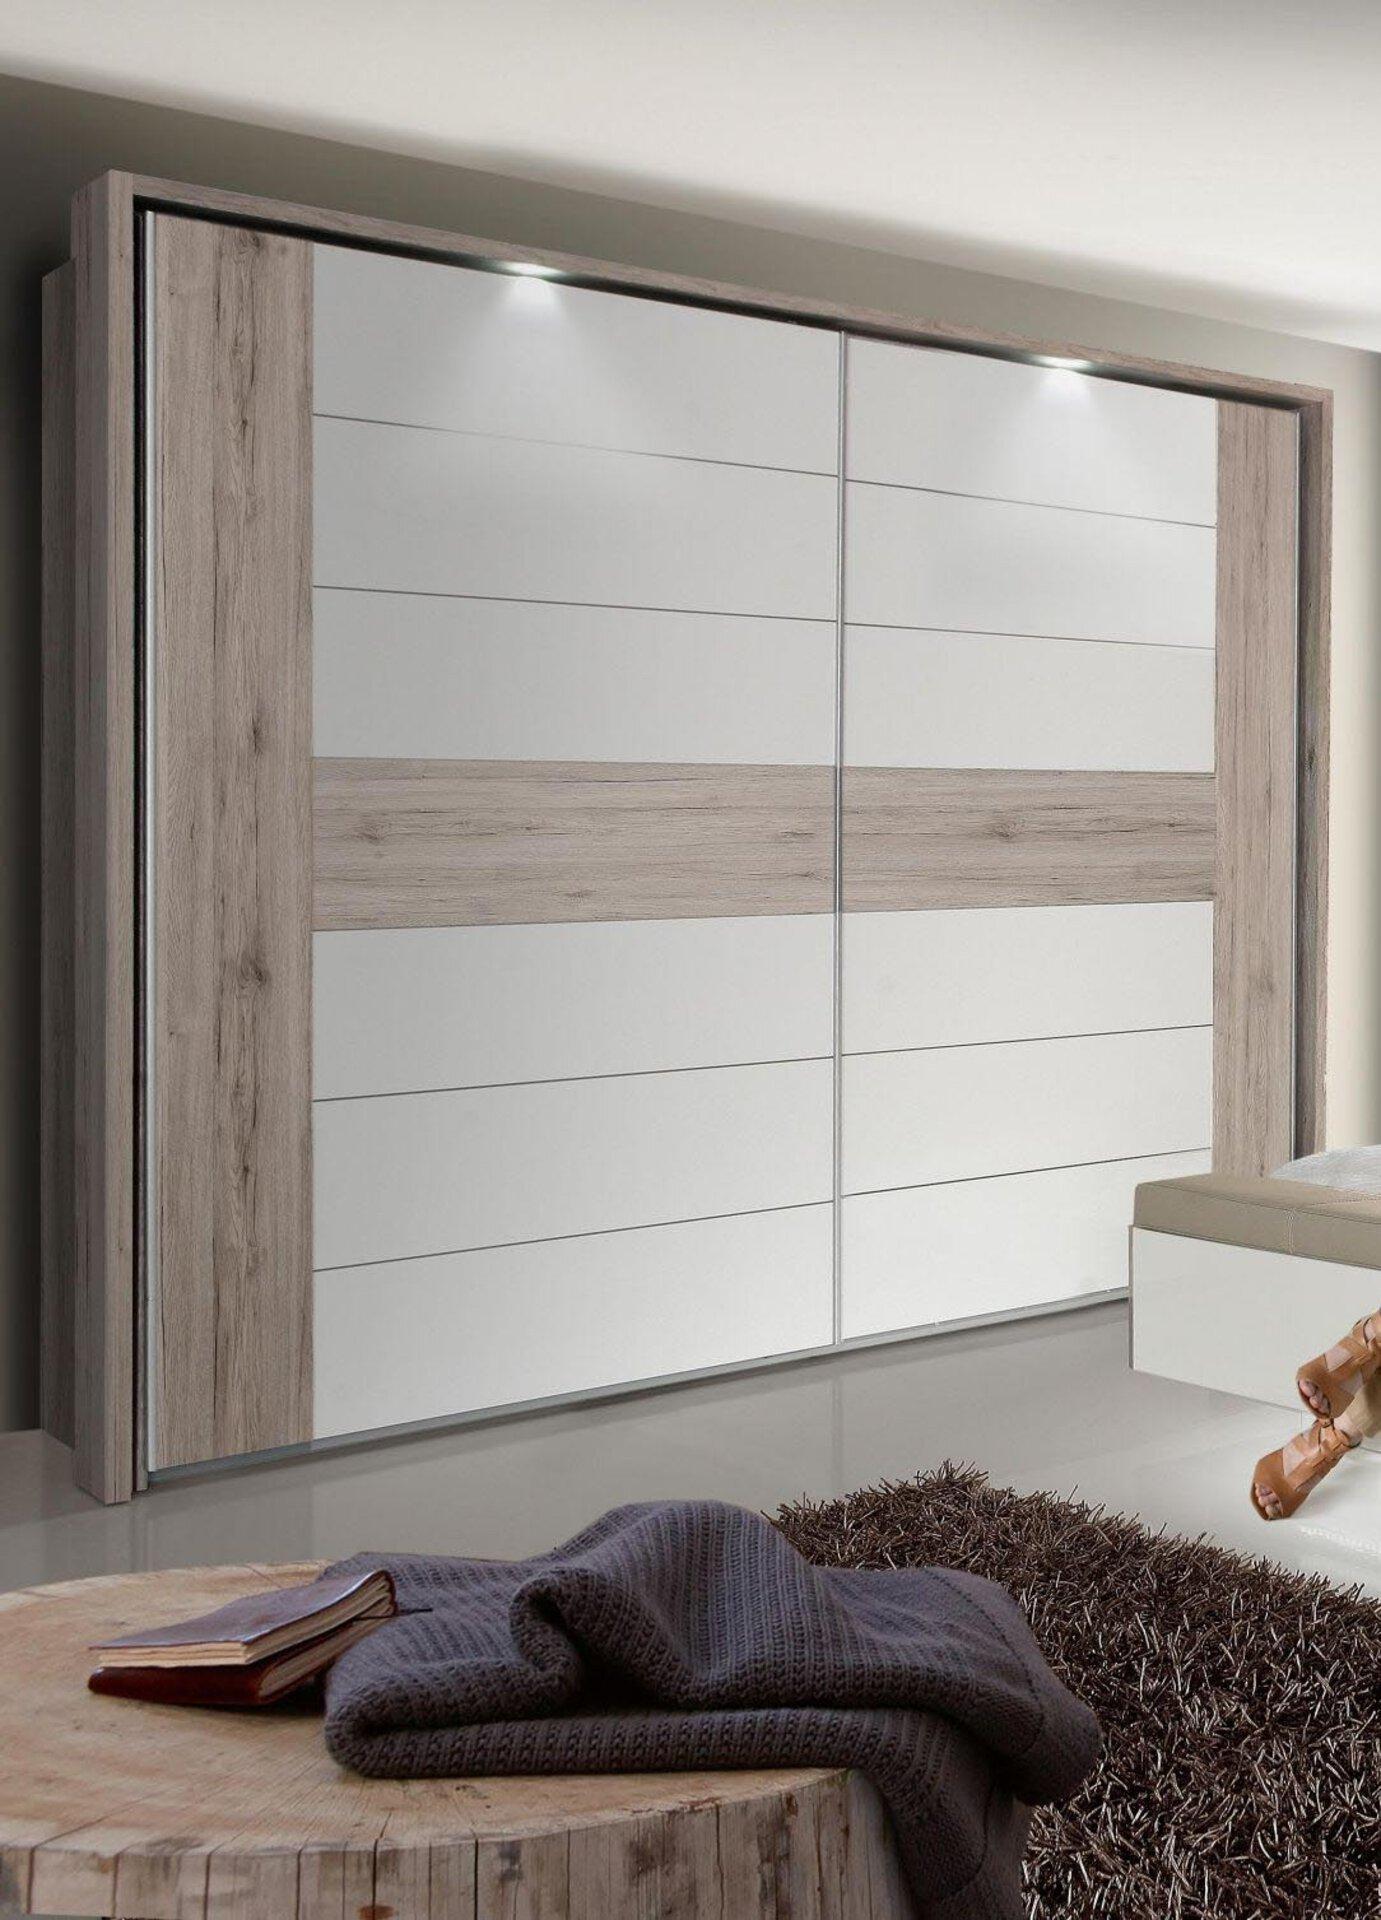 Schwebetürenschrank RONDINO Dreamoro Holzwerkstoff 210 x 61 x 270 cm